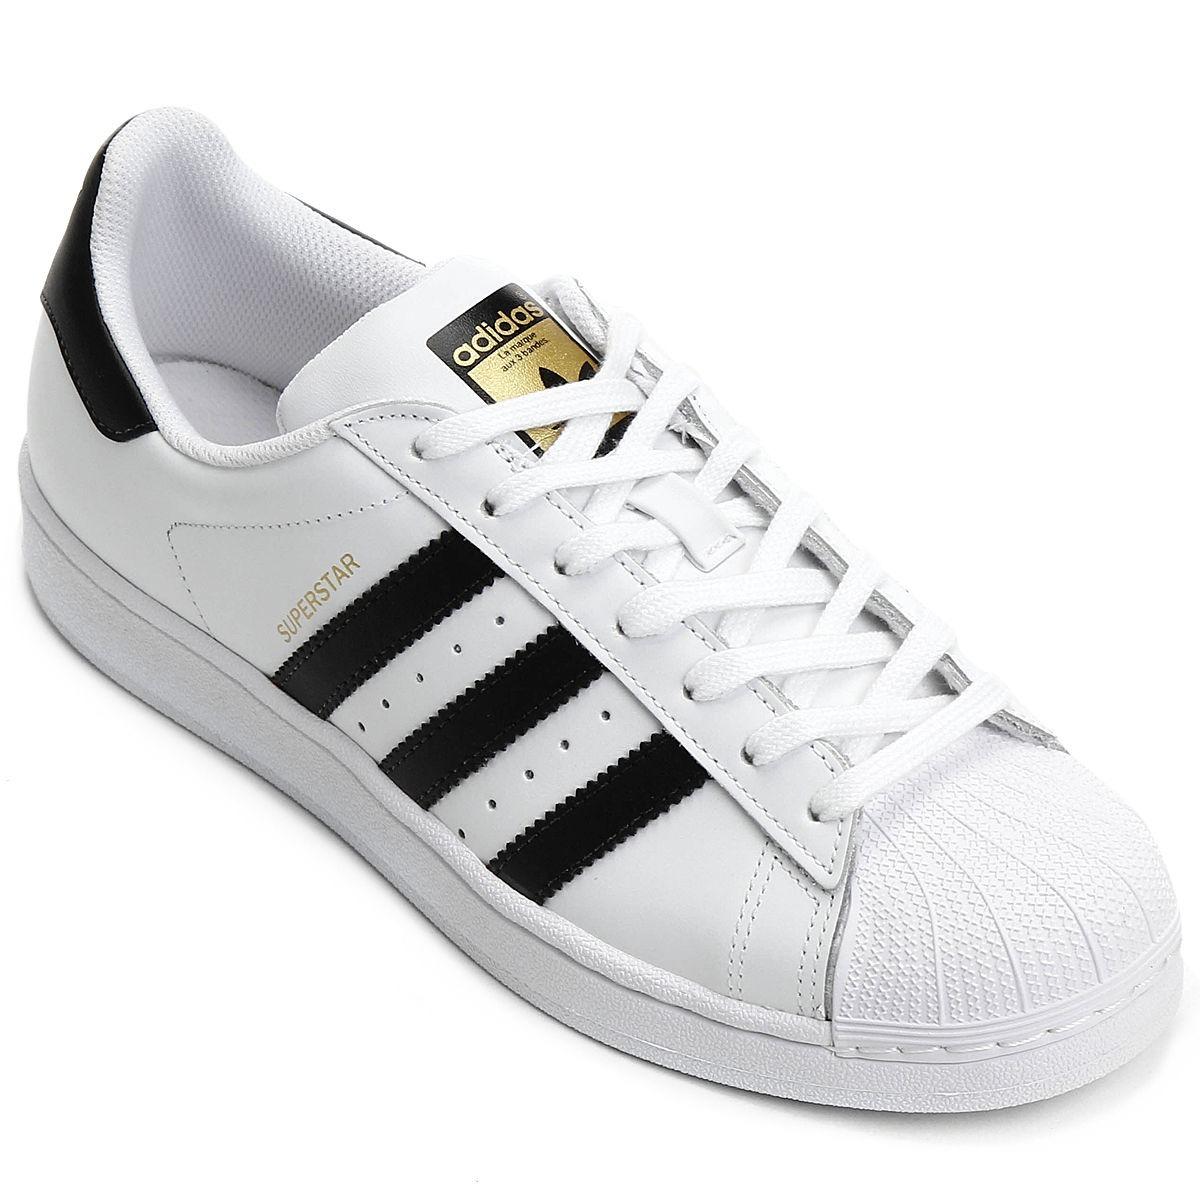 1b7a5482 Tênis adidas Superstar Casual Feminino Original - R$ 219,99 em ...